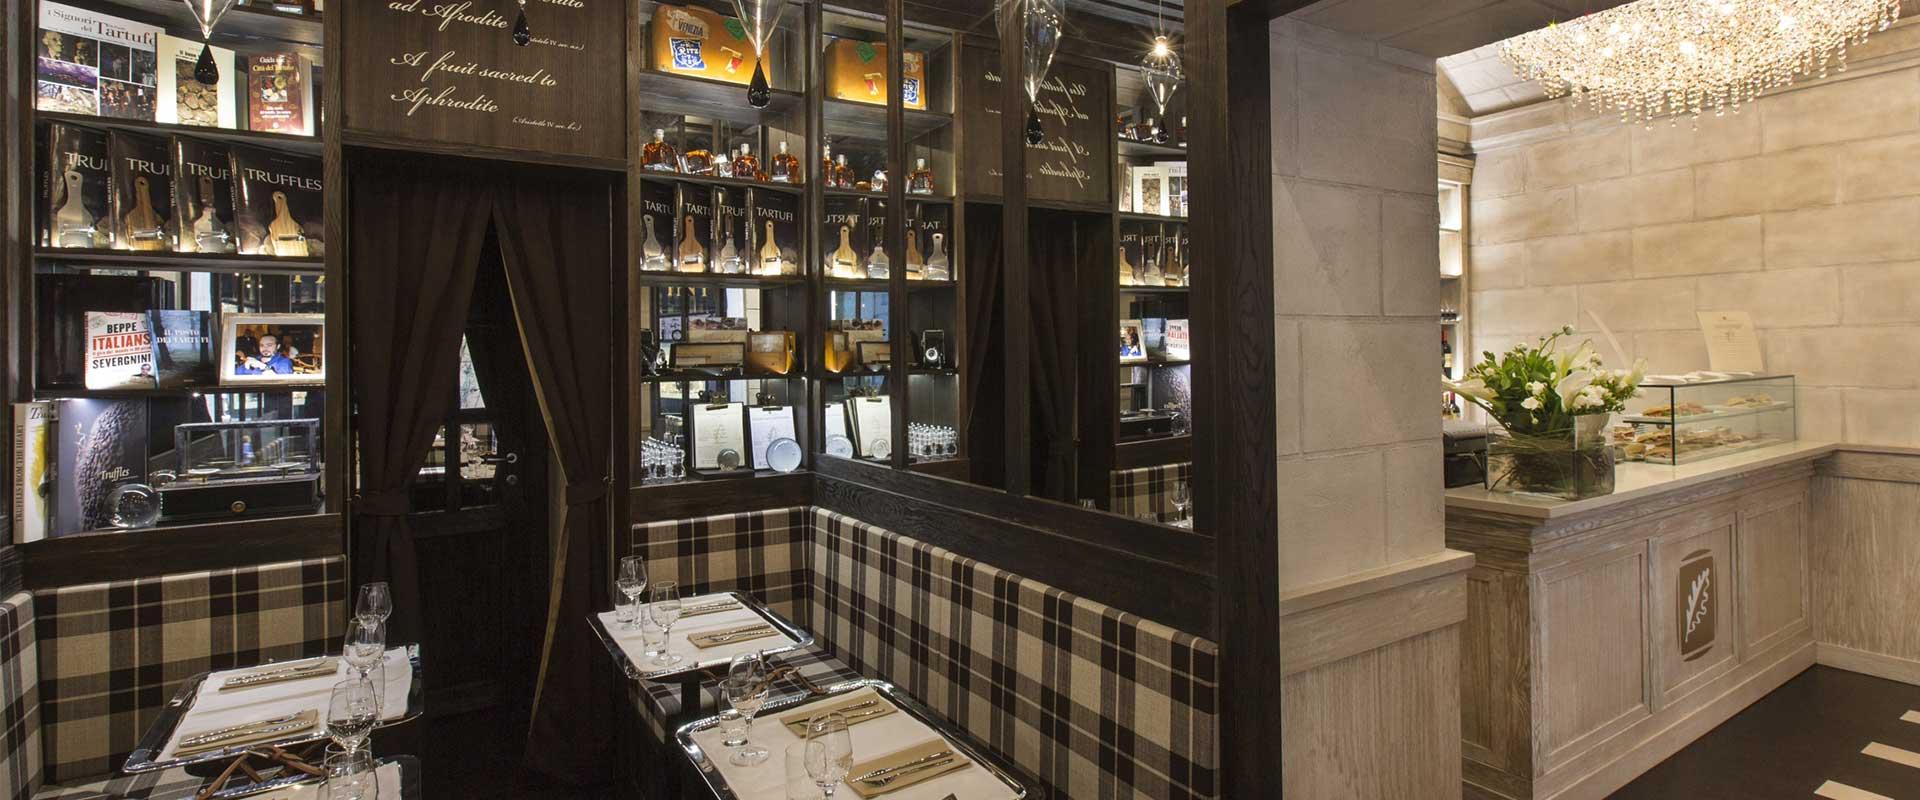 tartufi-roma-ristorante